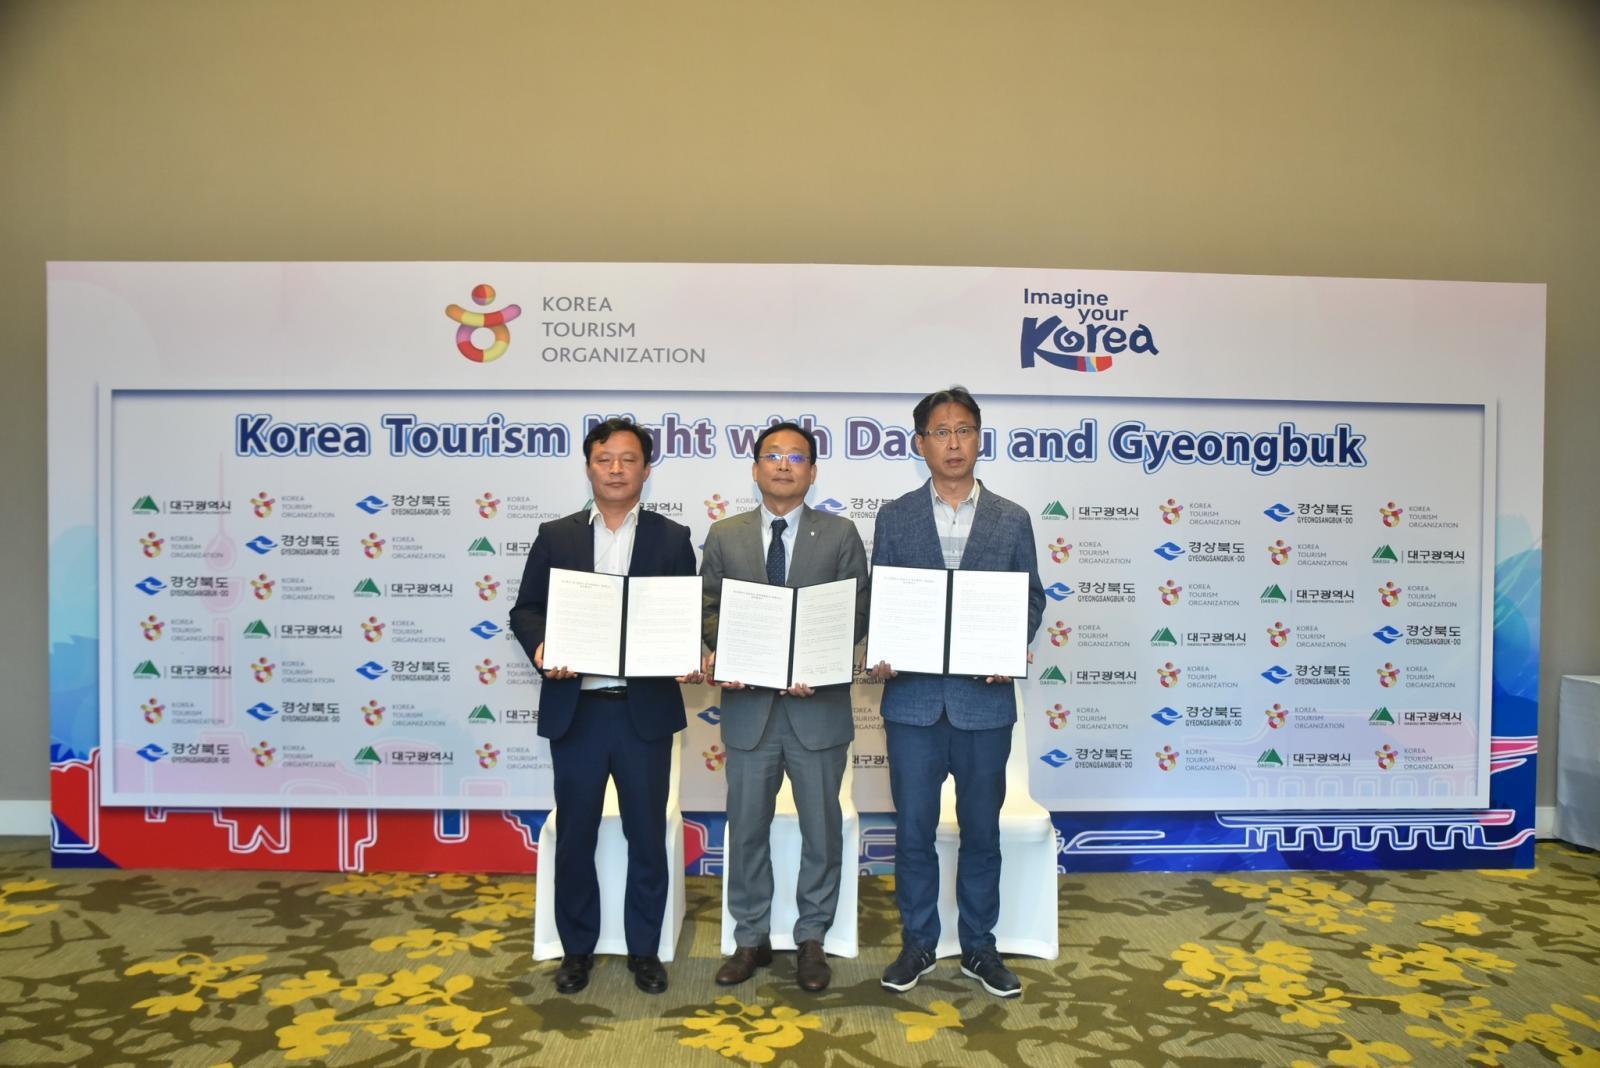 Korea Tourism Night with Daegu & Gyeongbuk